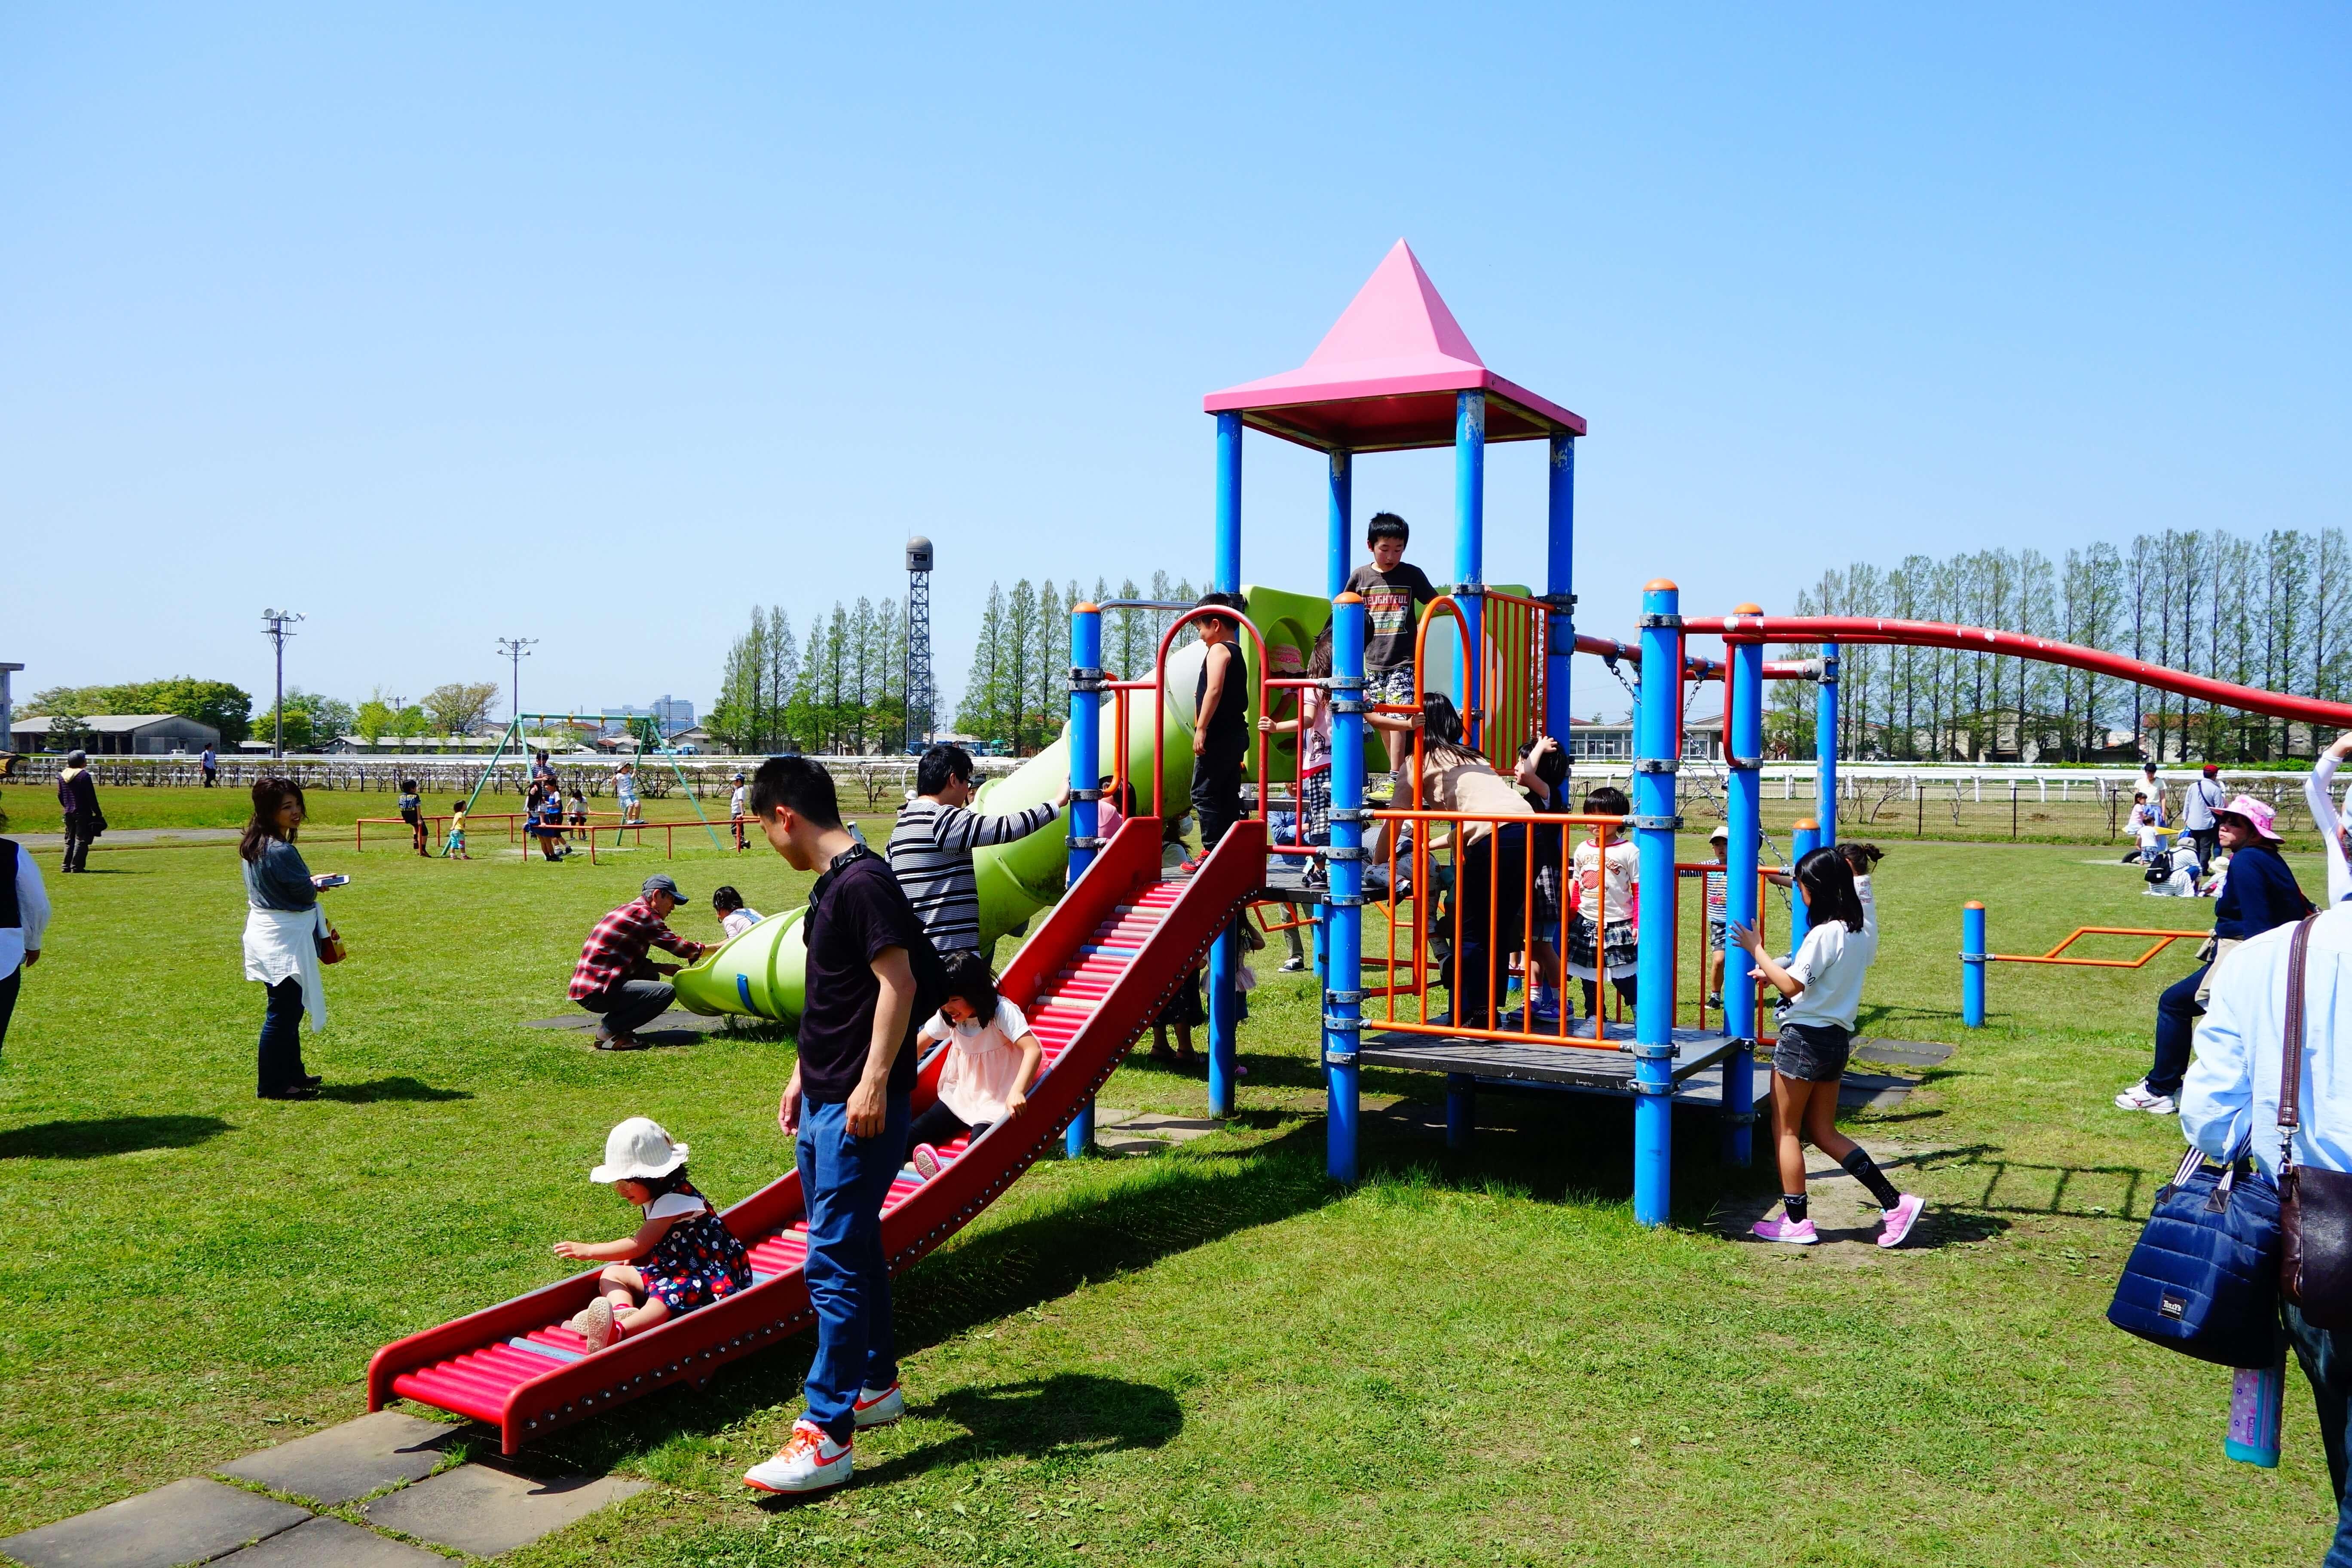 金沢競馬場|金沢市にある金沢競馬場の「ゆうえんち」で子どもも大人も競馬場で楽しもう!